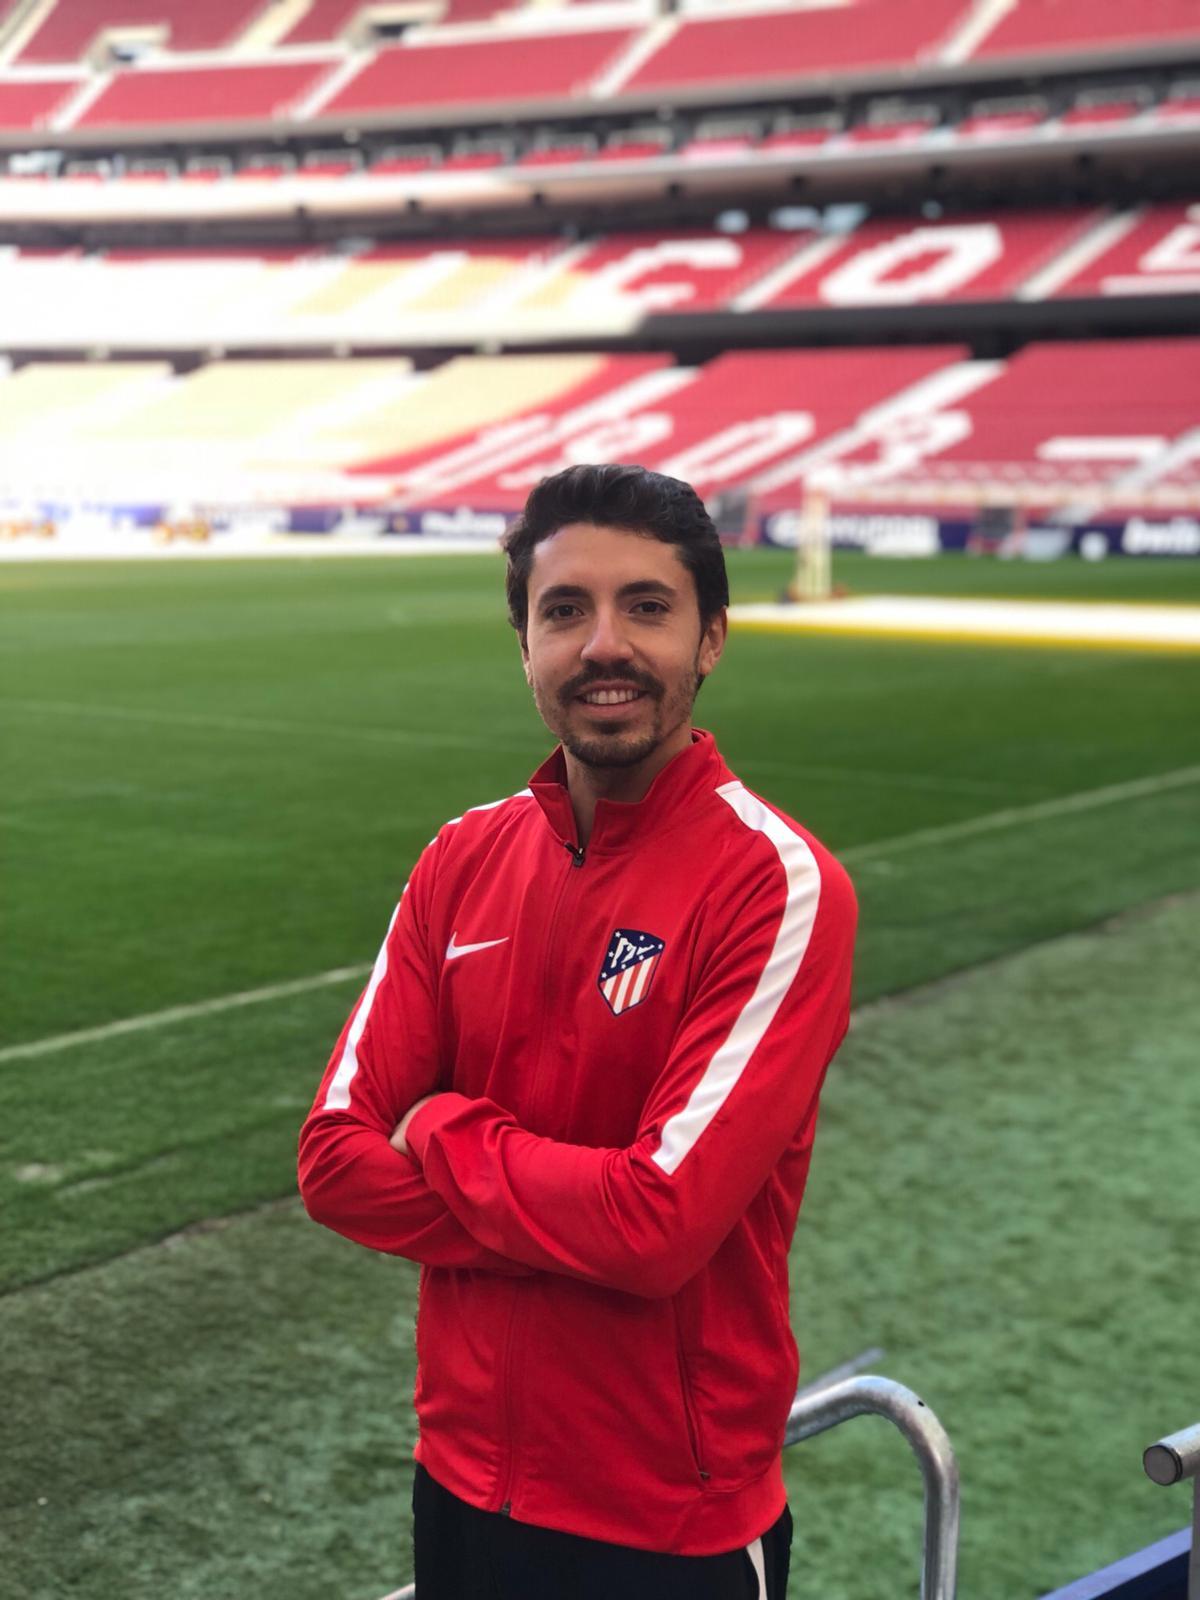 Javier Gainza